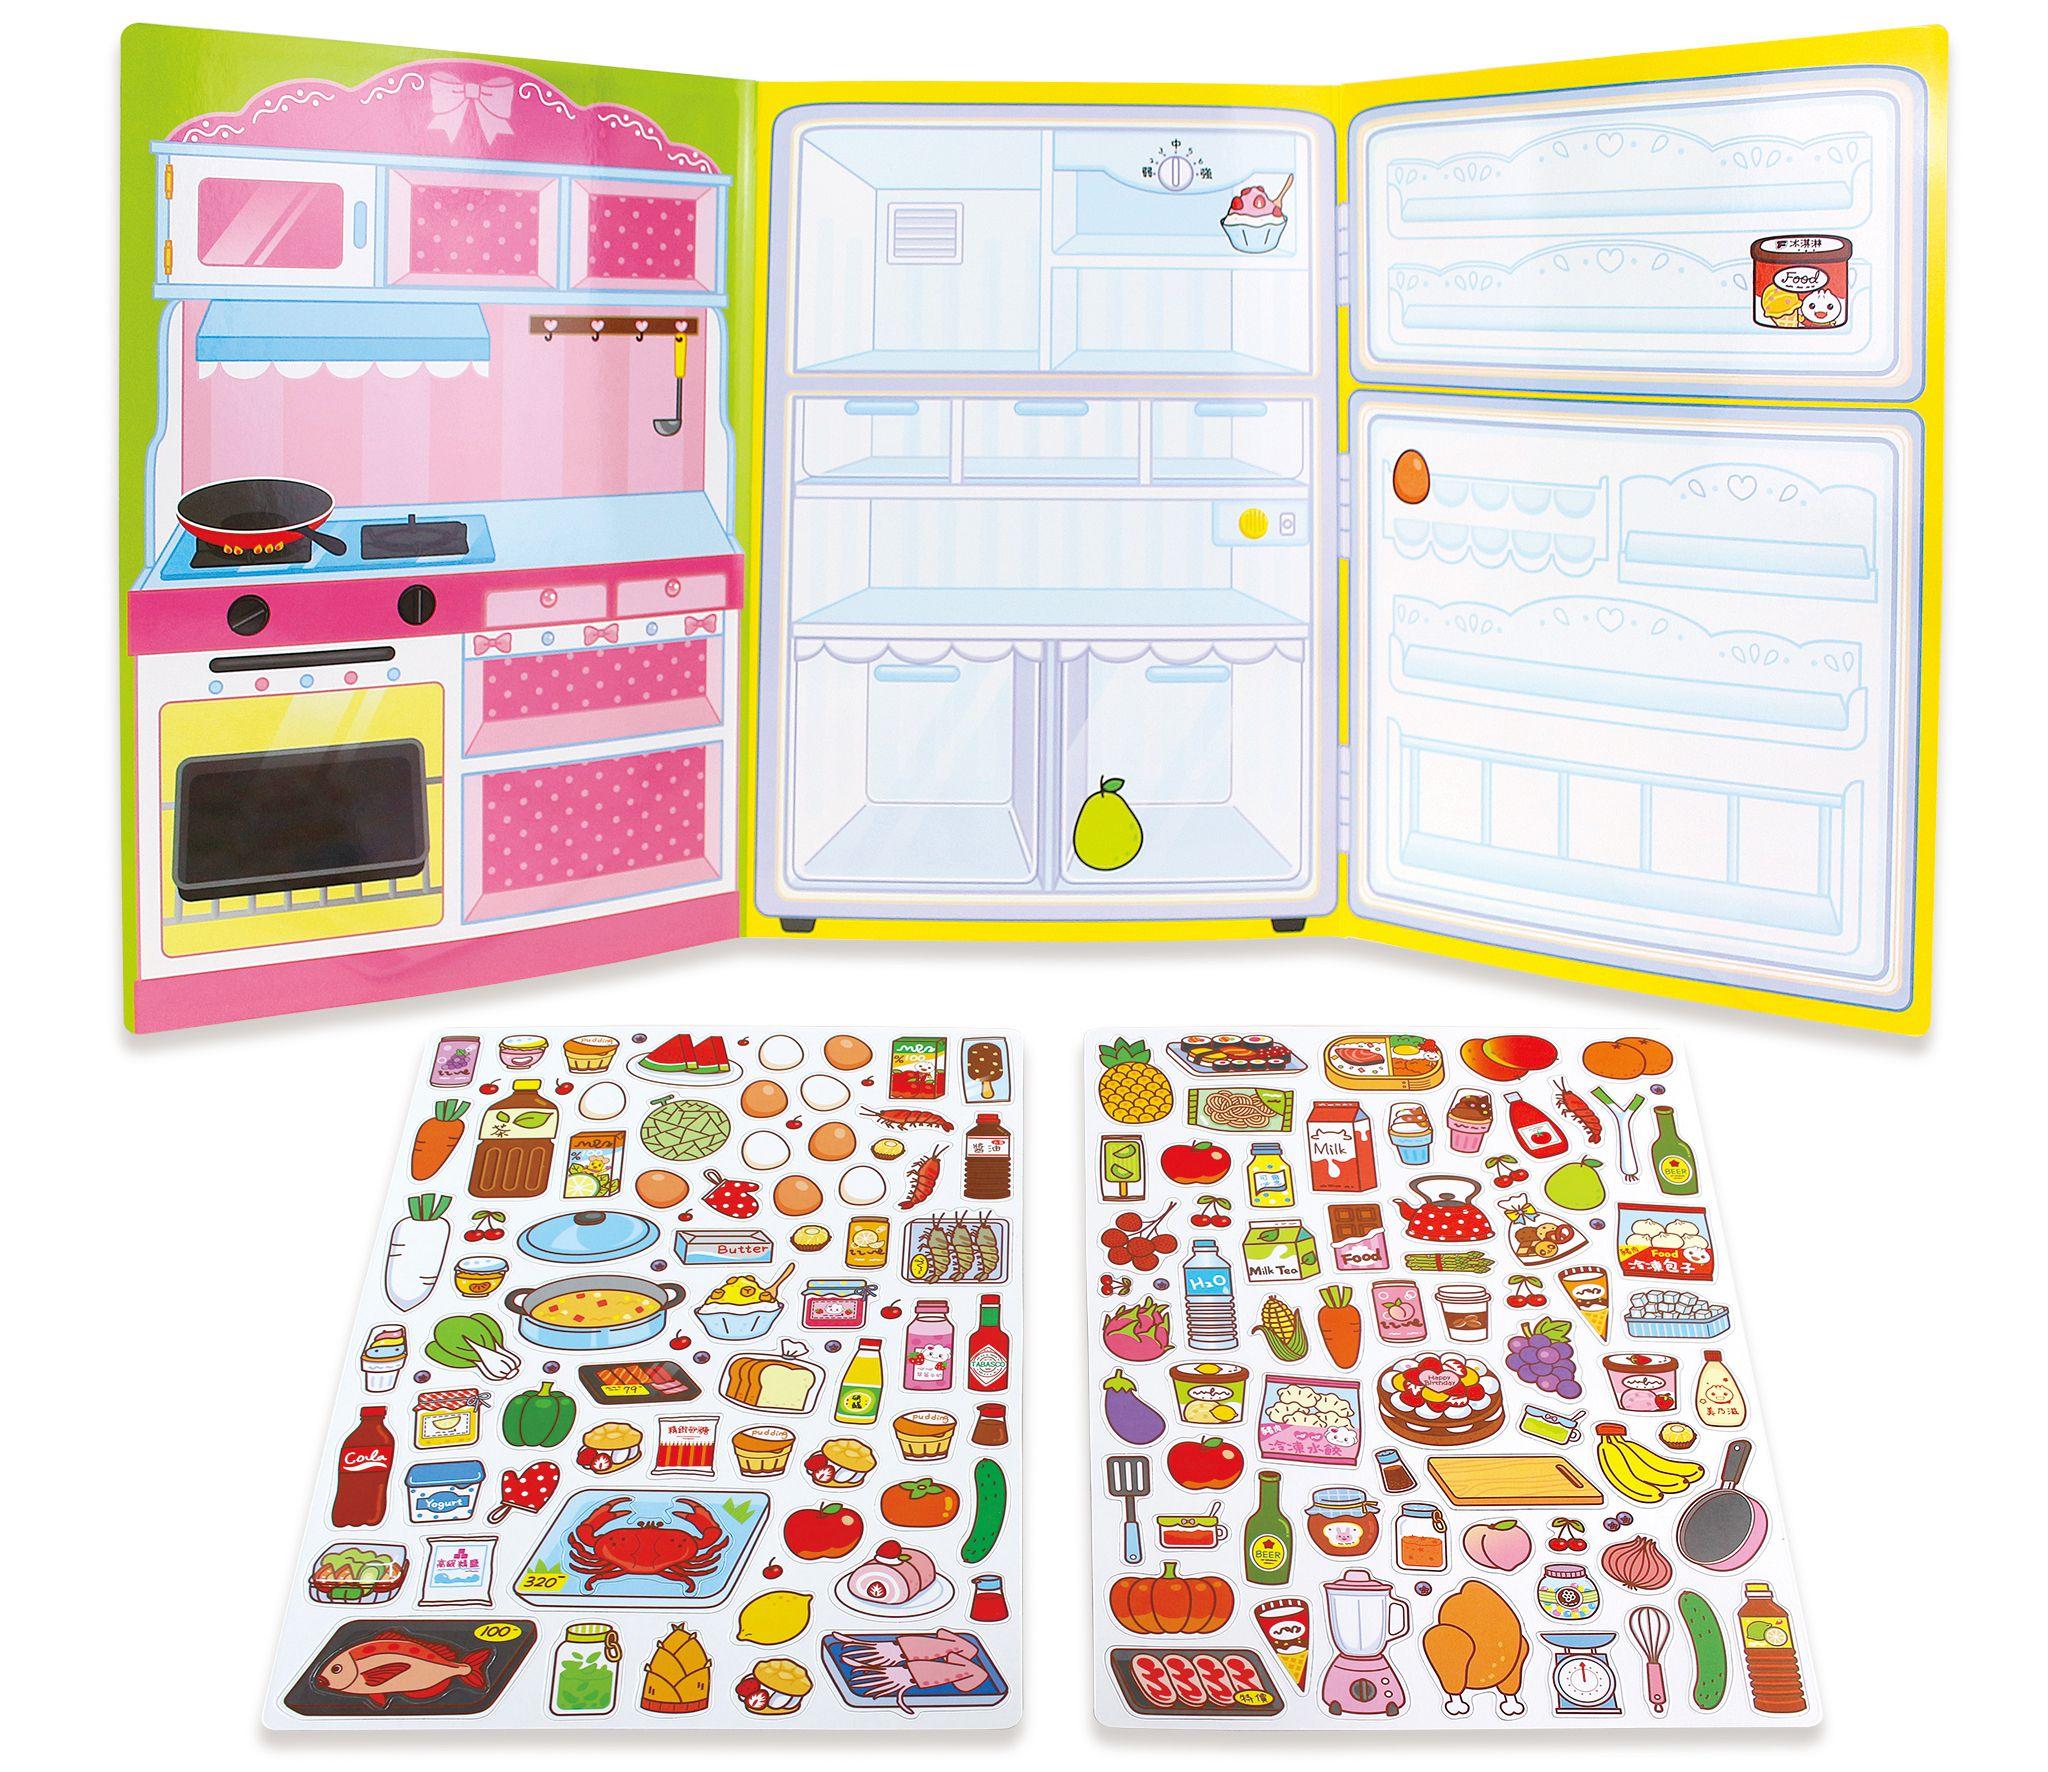 趣味廚房冰箱-玩創意磁鐵書